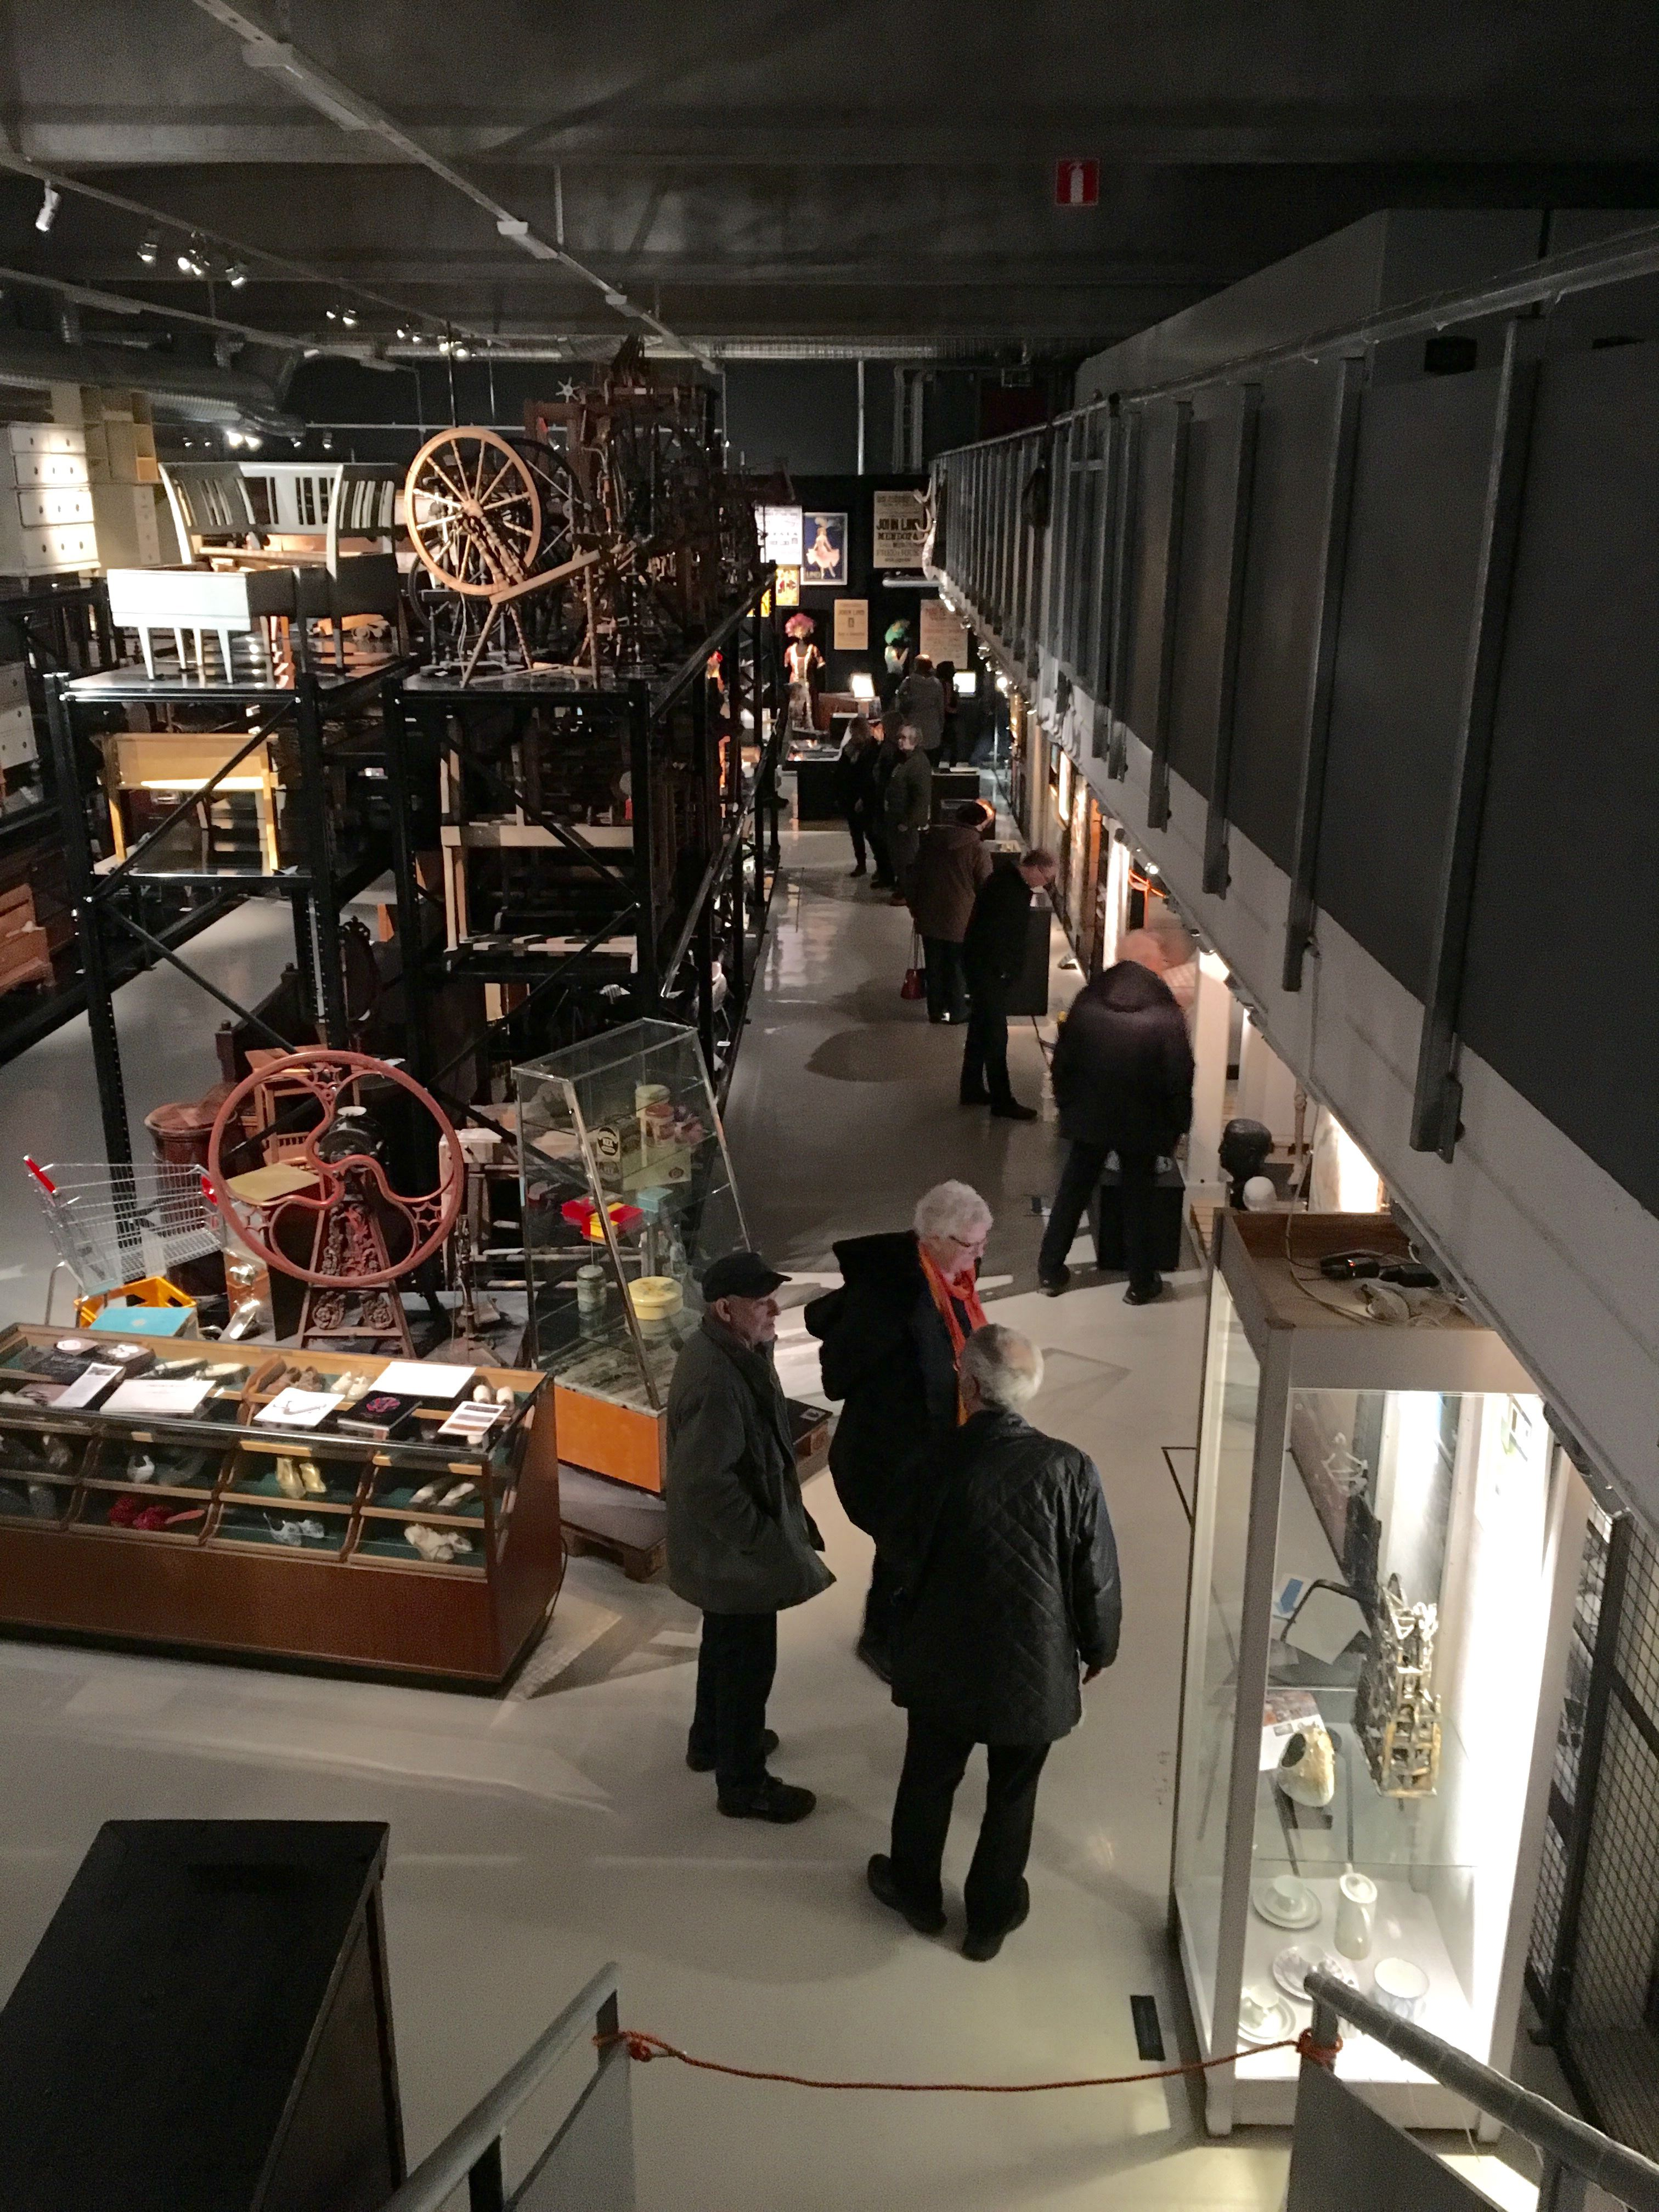 Öppet hus i Blekinge museums magasin